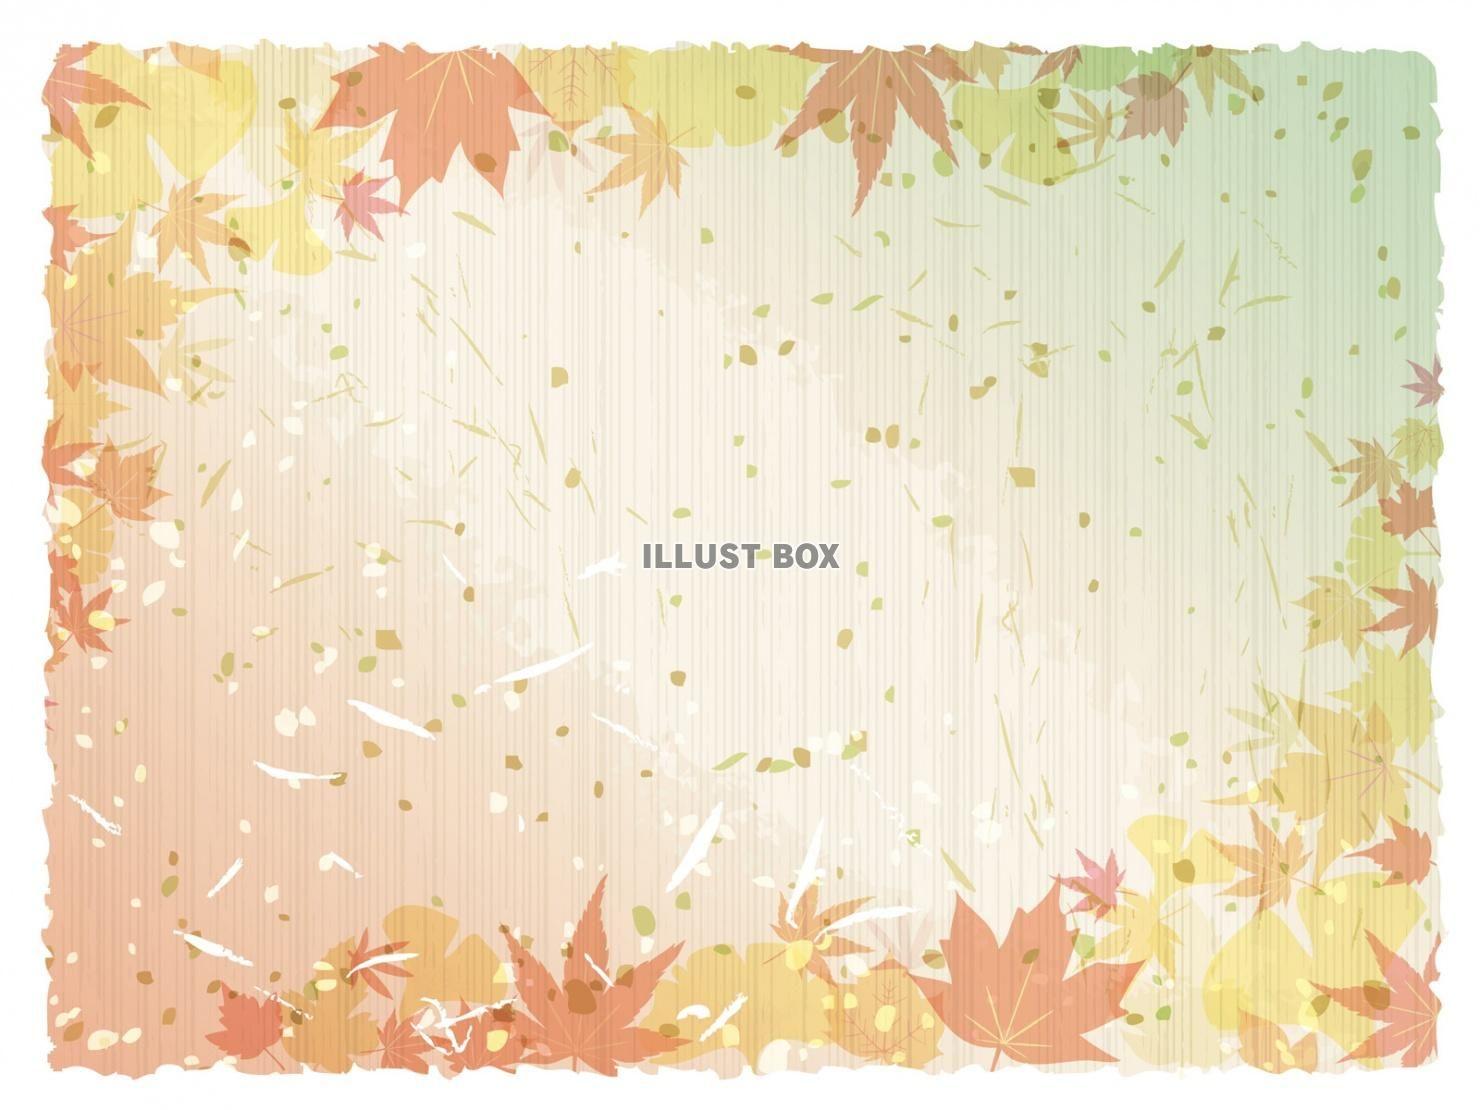 無料イラスト 春夏秋冬 ベスト 11月 紅葉 イラスト イラスト フレーム イラスト 無料 イラスト